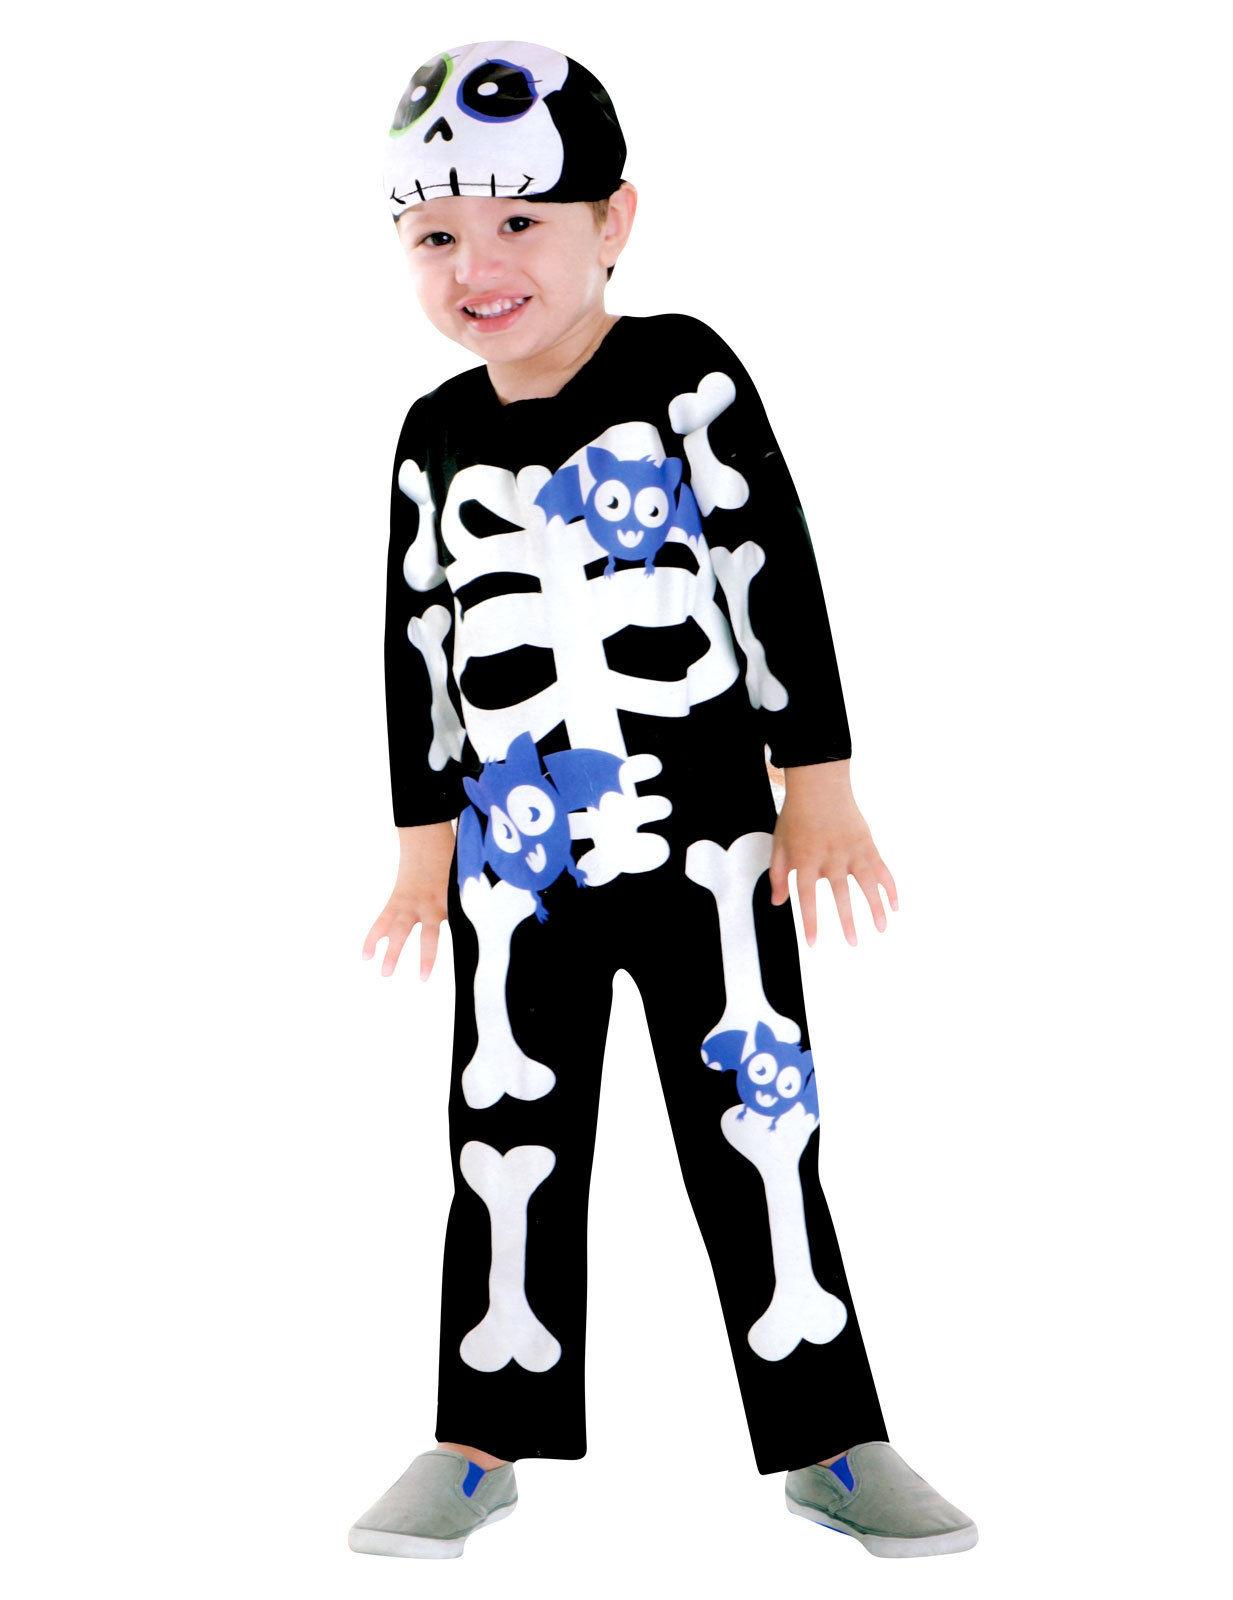 d guisement squelette chauves souris violettes enfant halloween deguise toi achat de. Black Bedroom Furniture Sets. Home Design Ideas